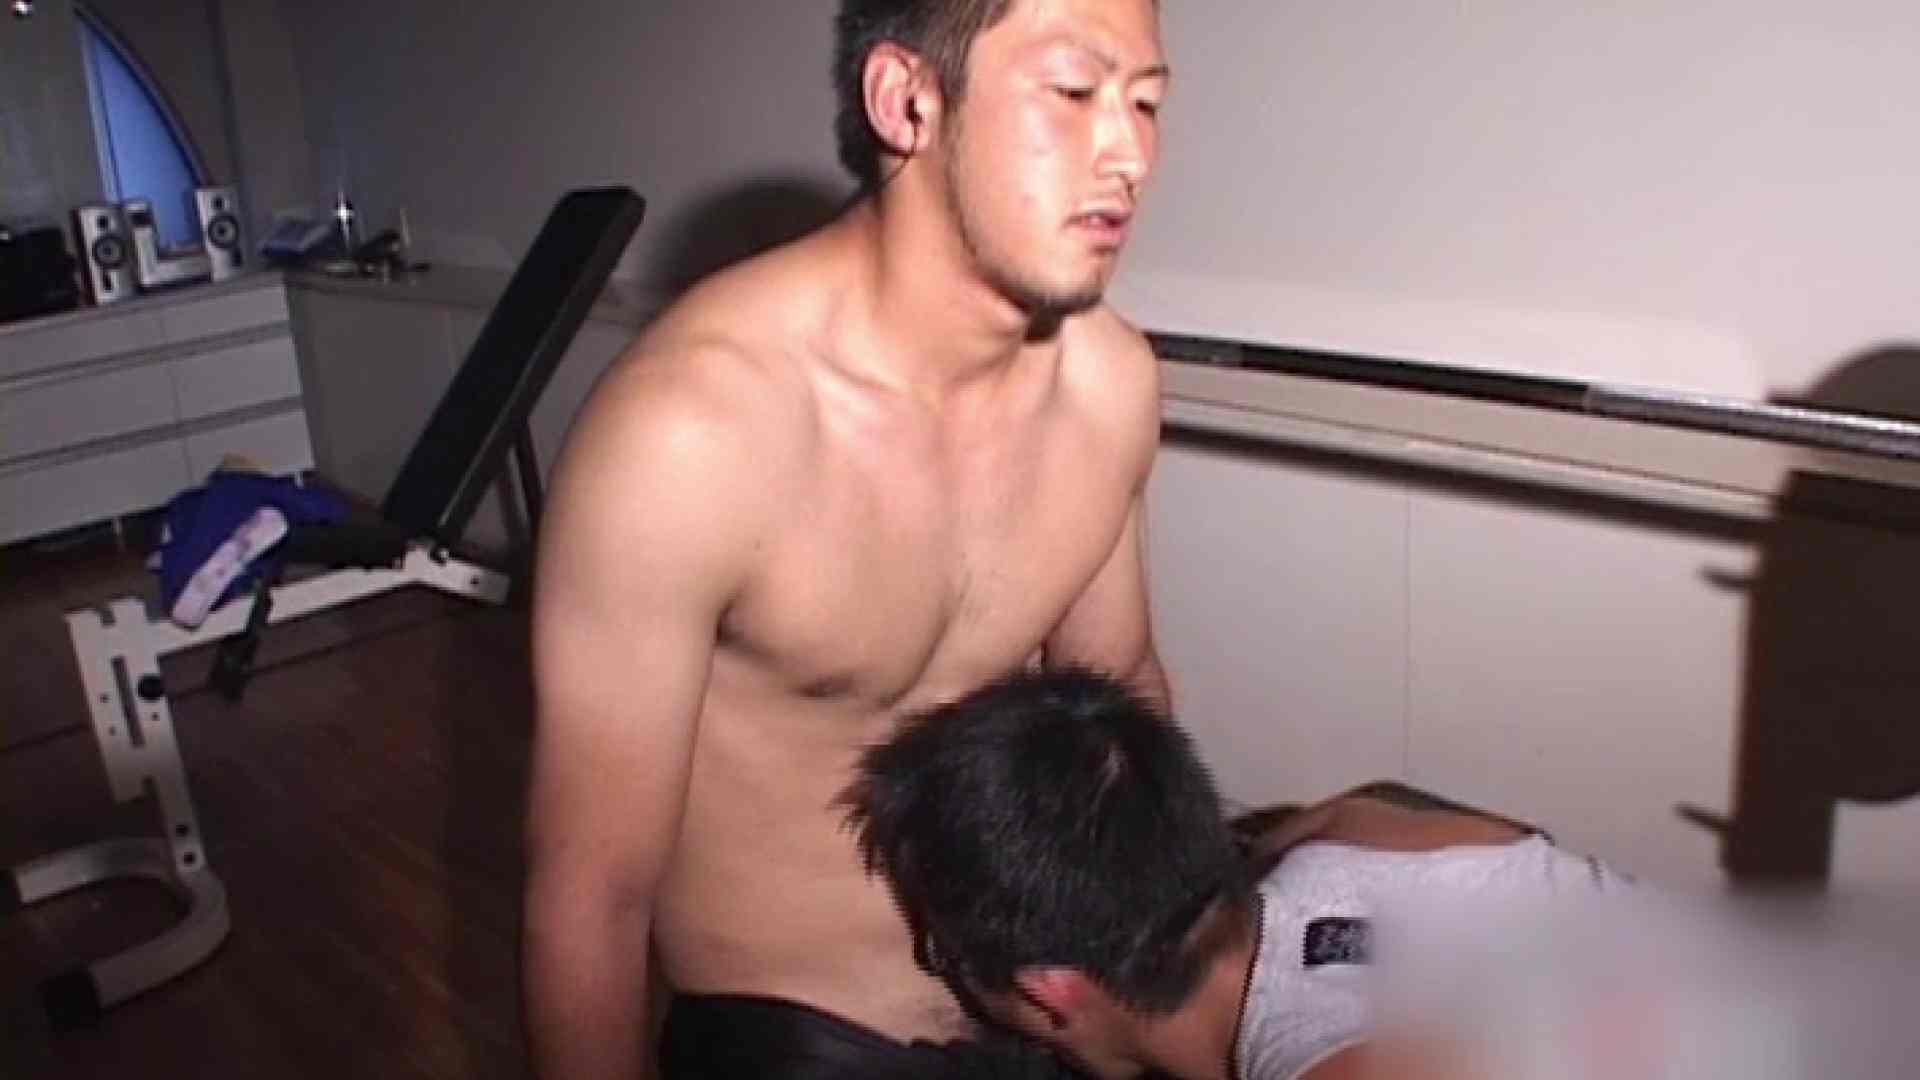 珍肉も筋肉の内!!vol.1 アナル挿入 ゲイエロ動画 66pic 40